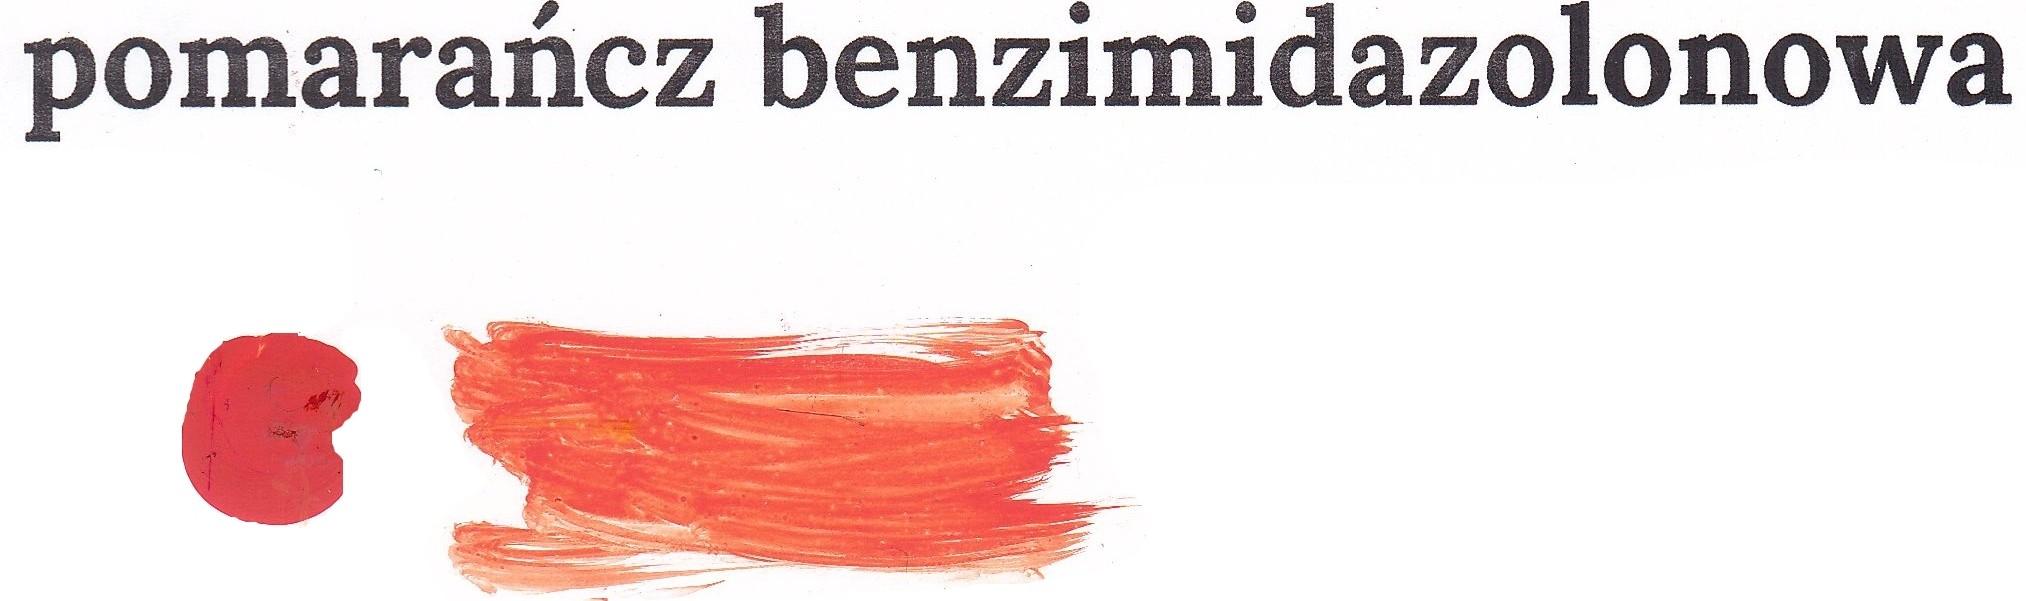 Pomarańcz benzimidalonowy